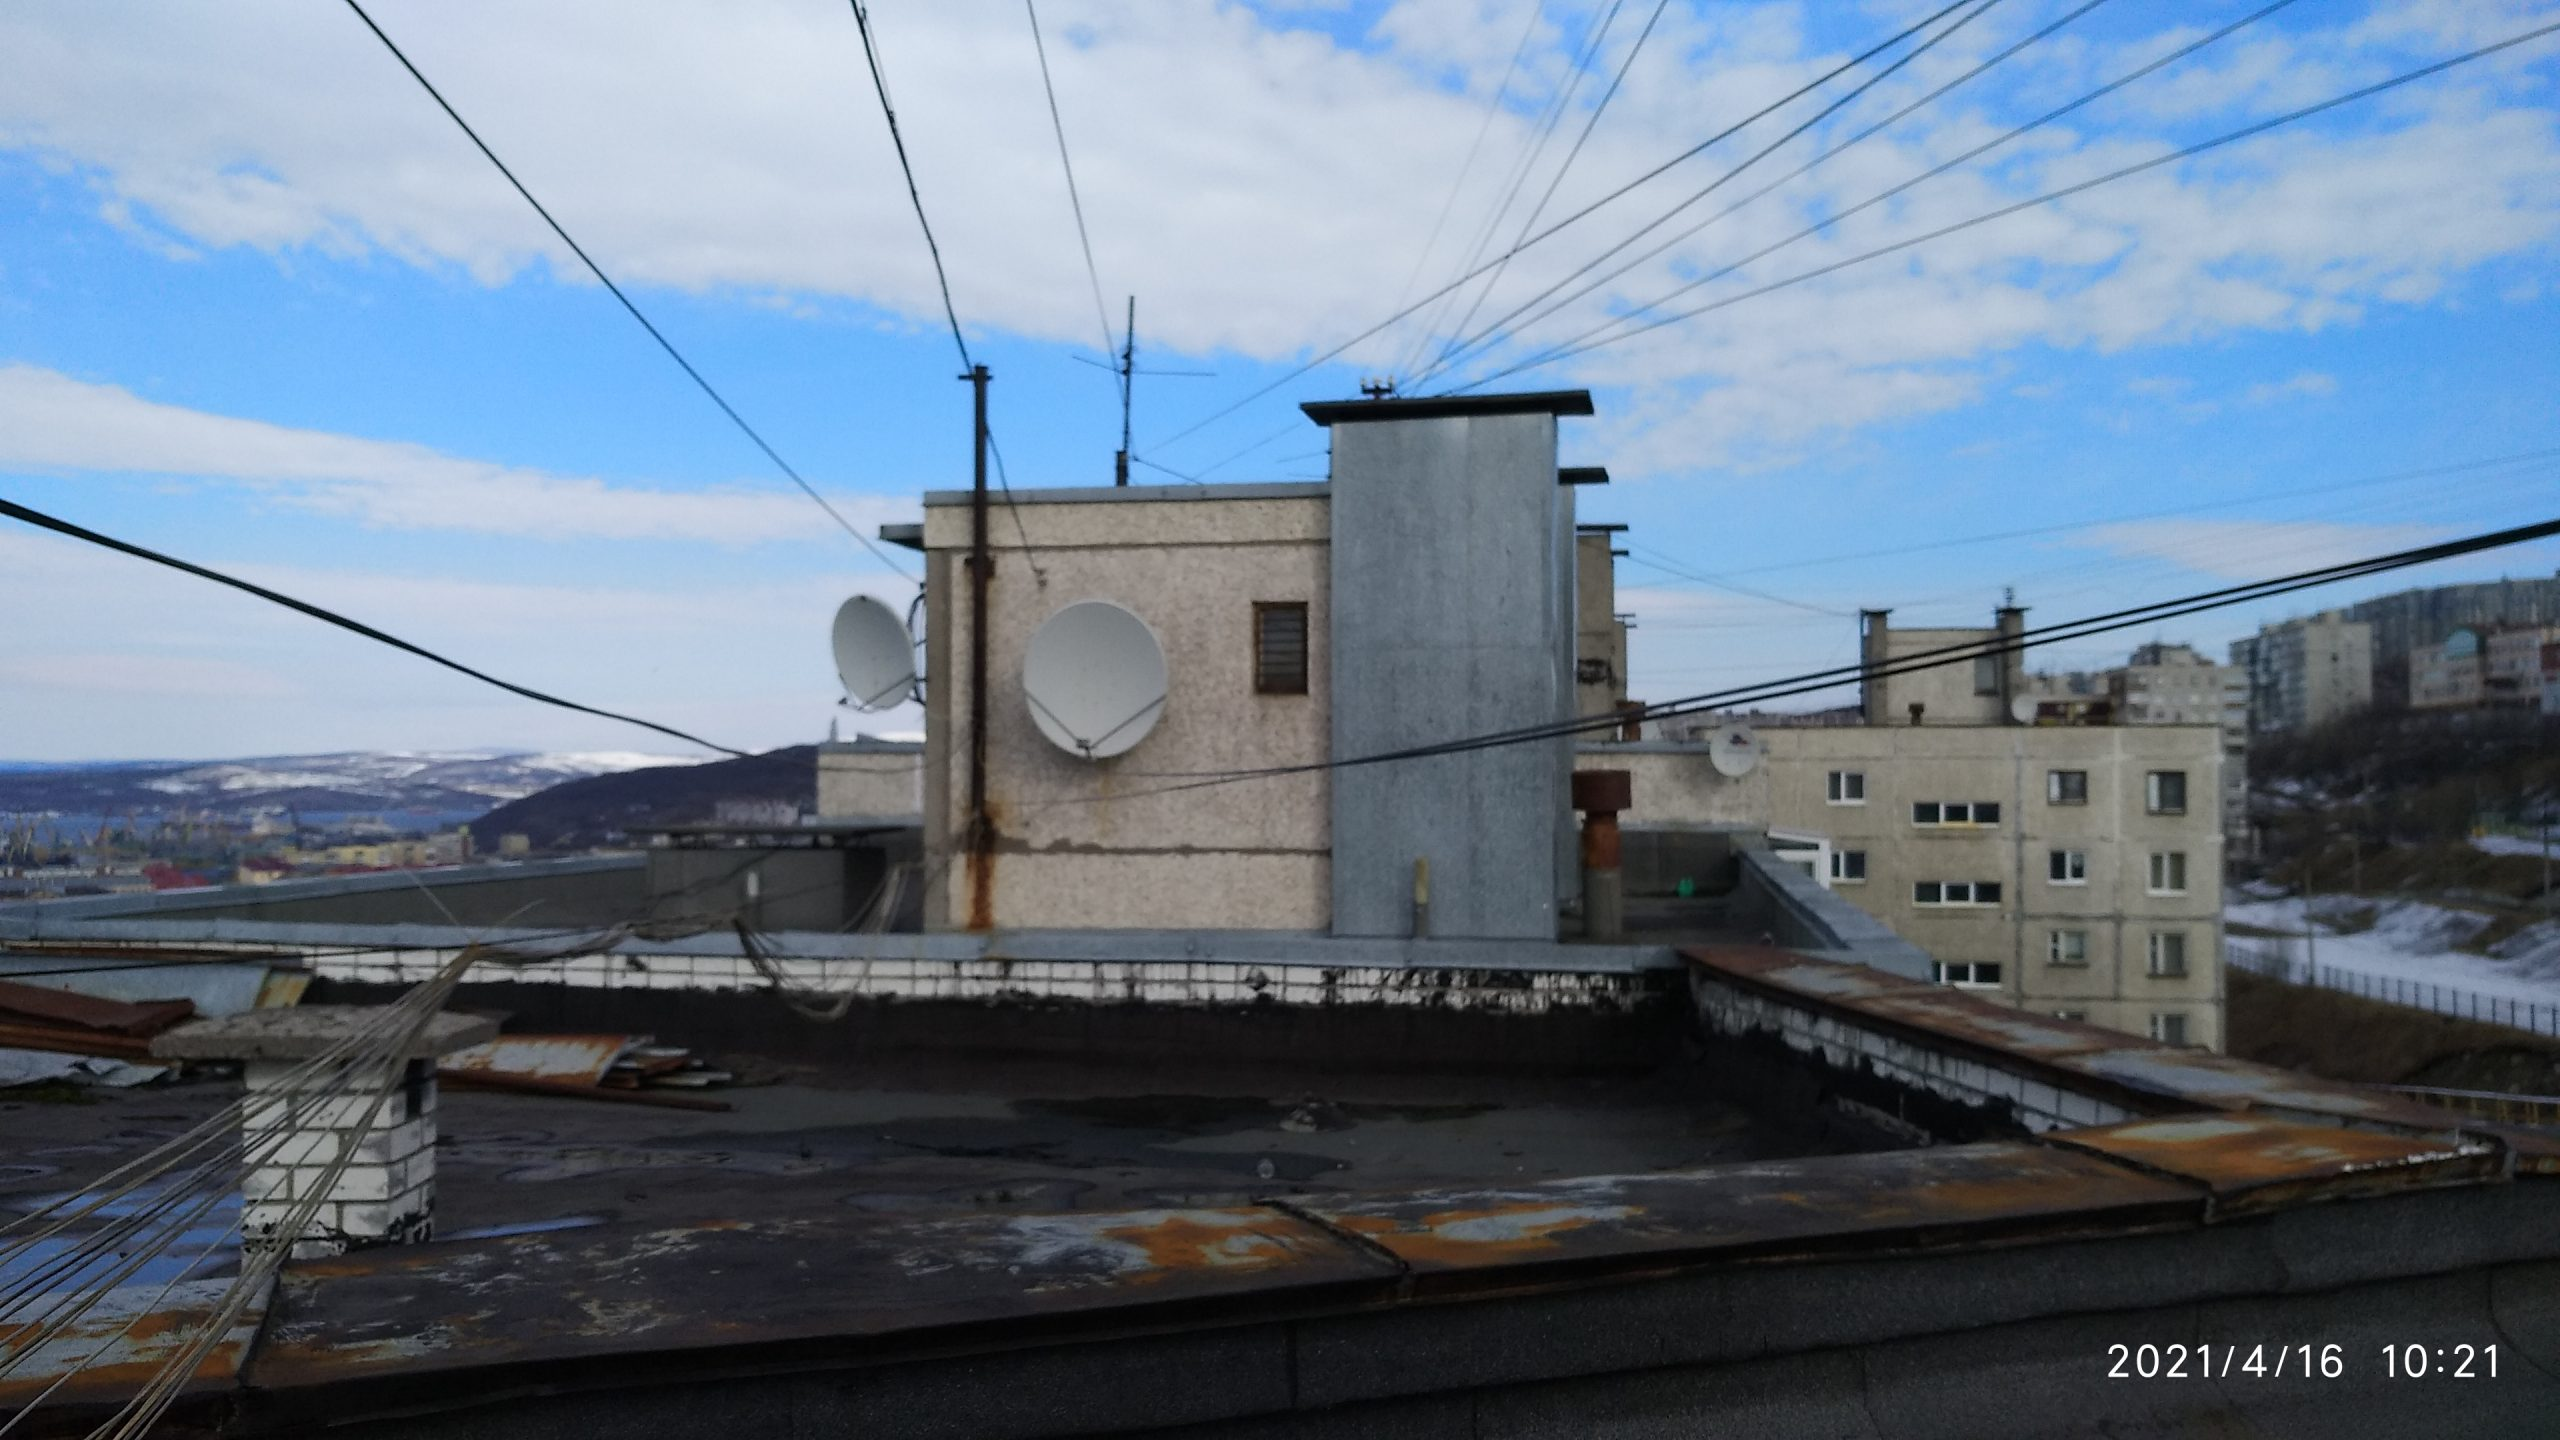 Провайдер Ситилинк Мурманск, продолжение строительства 2